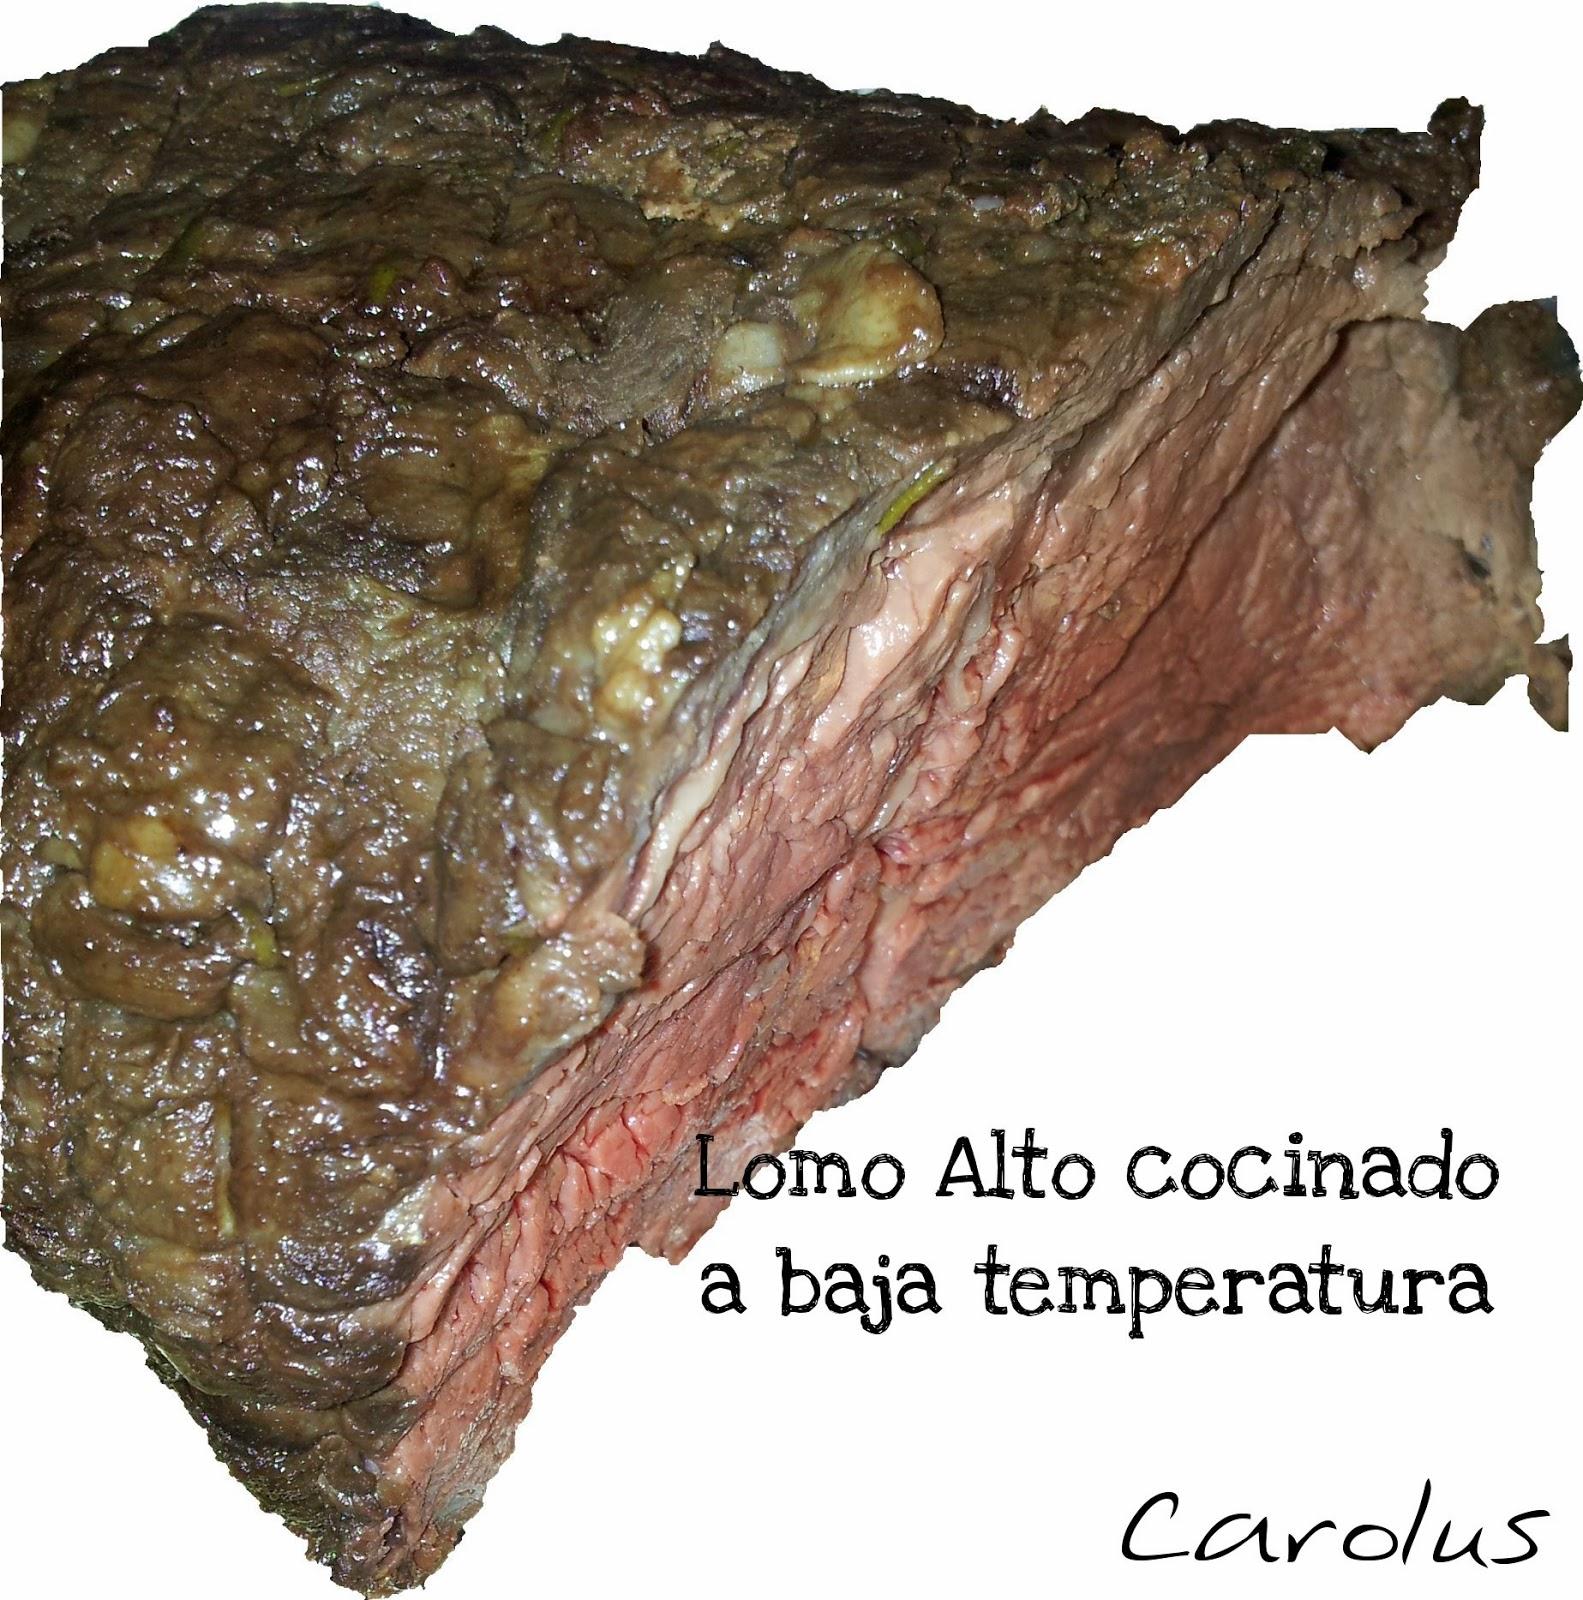 Lomo alto cocinado a baja temperatura carolus cocina for Cocina baja temperatura